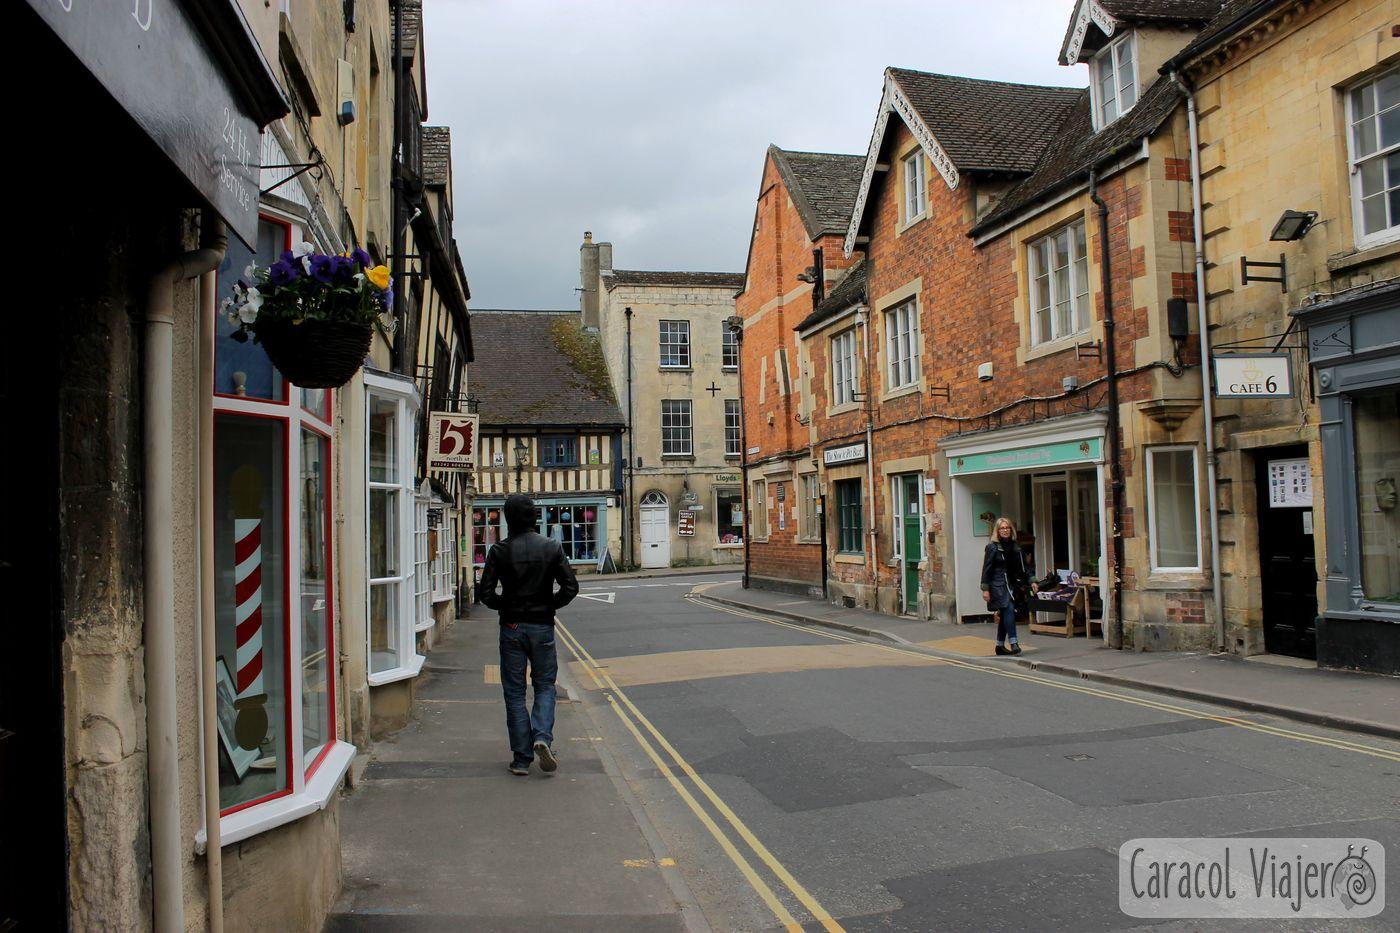 Winchcombe Calle tiendas